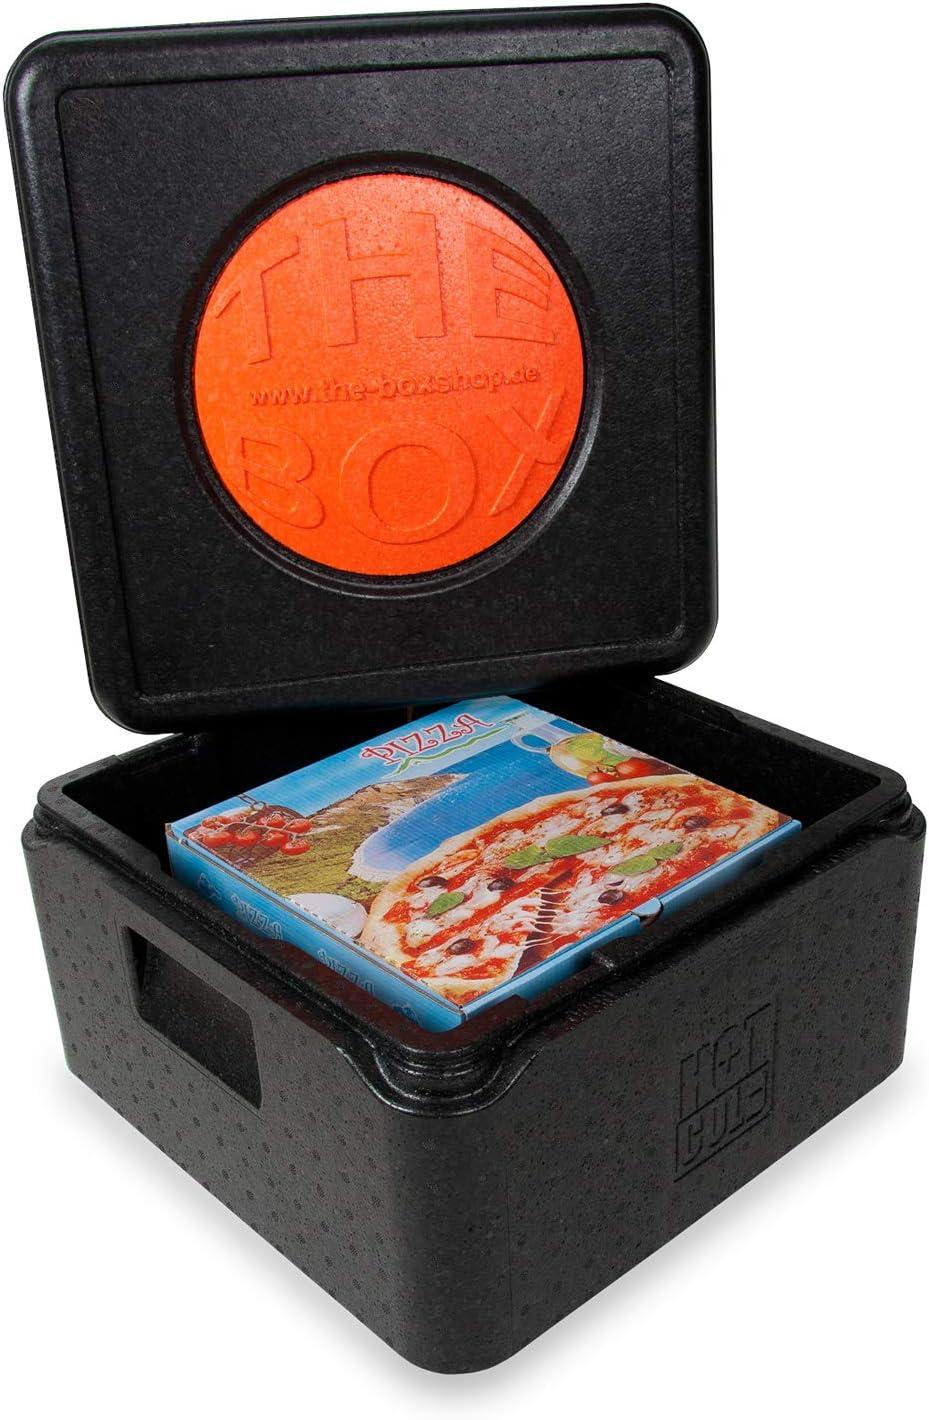 21 Liter Volumen: 41 x 41 x 24 cm Thermobox aus EPP - Nutzh/öhe 17,5 cm THE BOX Pizza Transportbox mit Deckel in schwarz